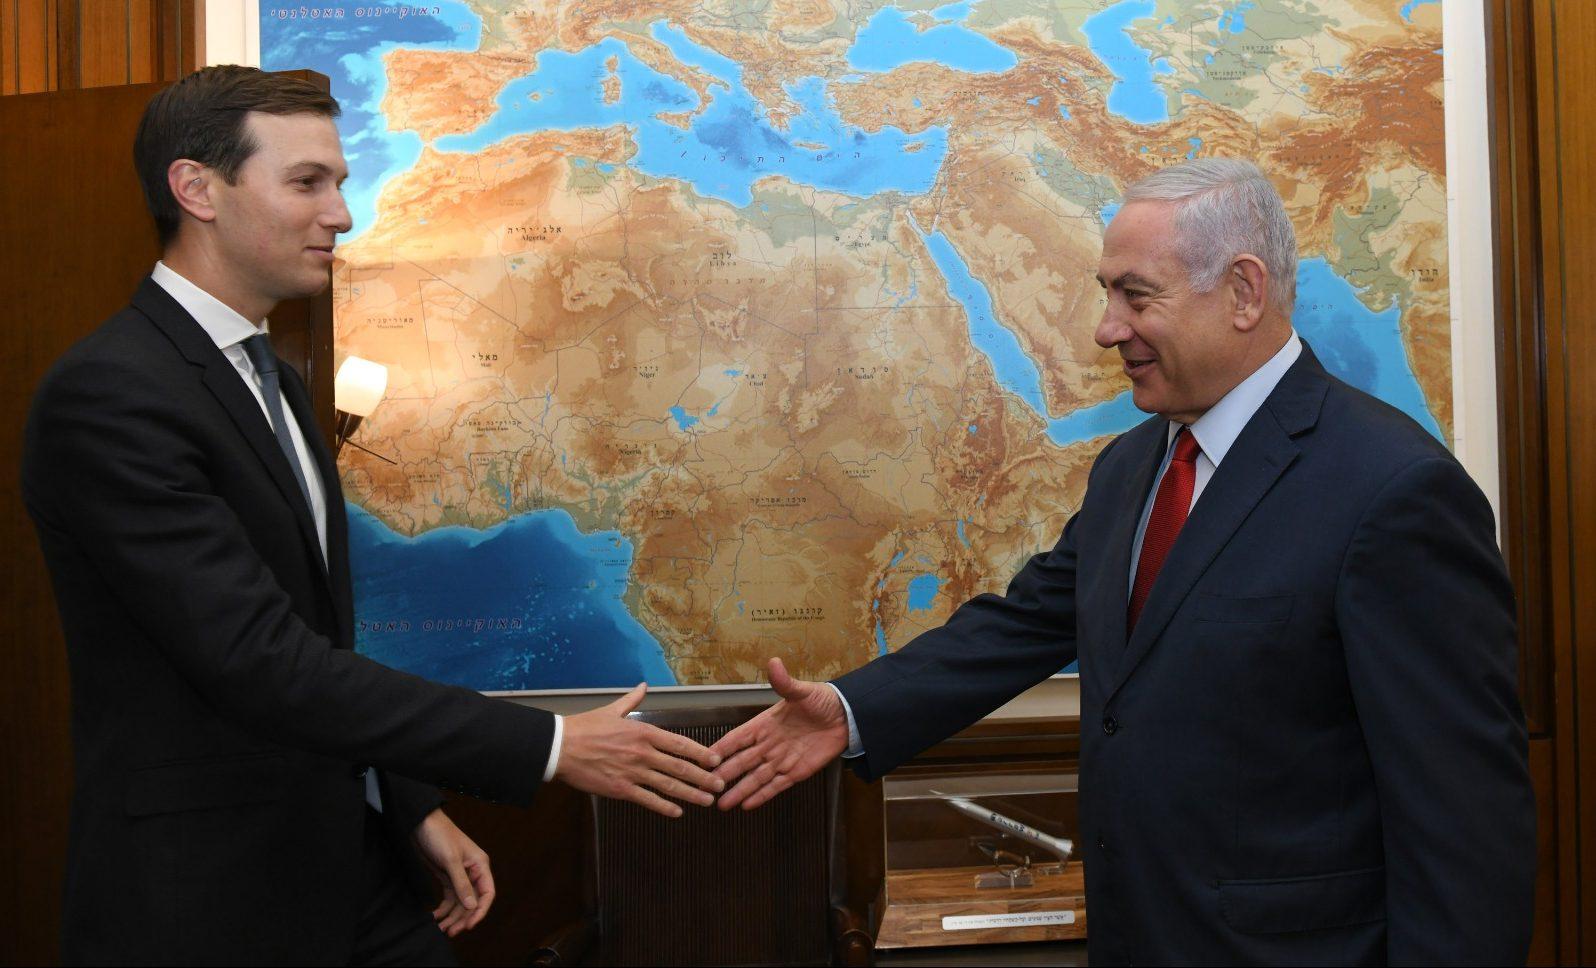 קושנר: ״לא חושב שישראל תספח שטחים כבר בשבוע הבא״